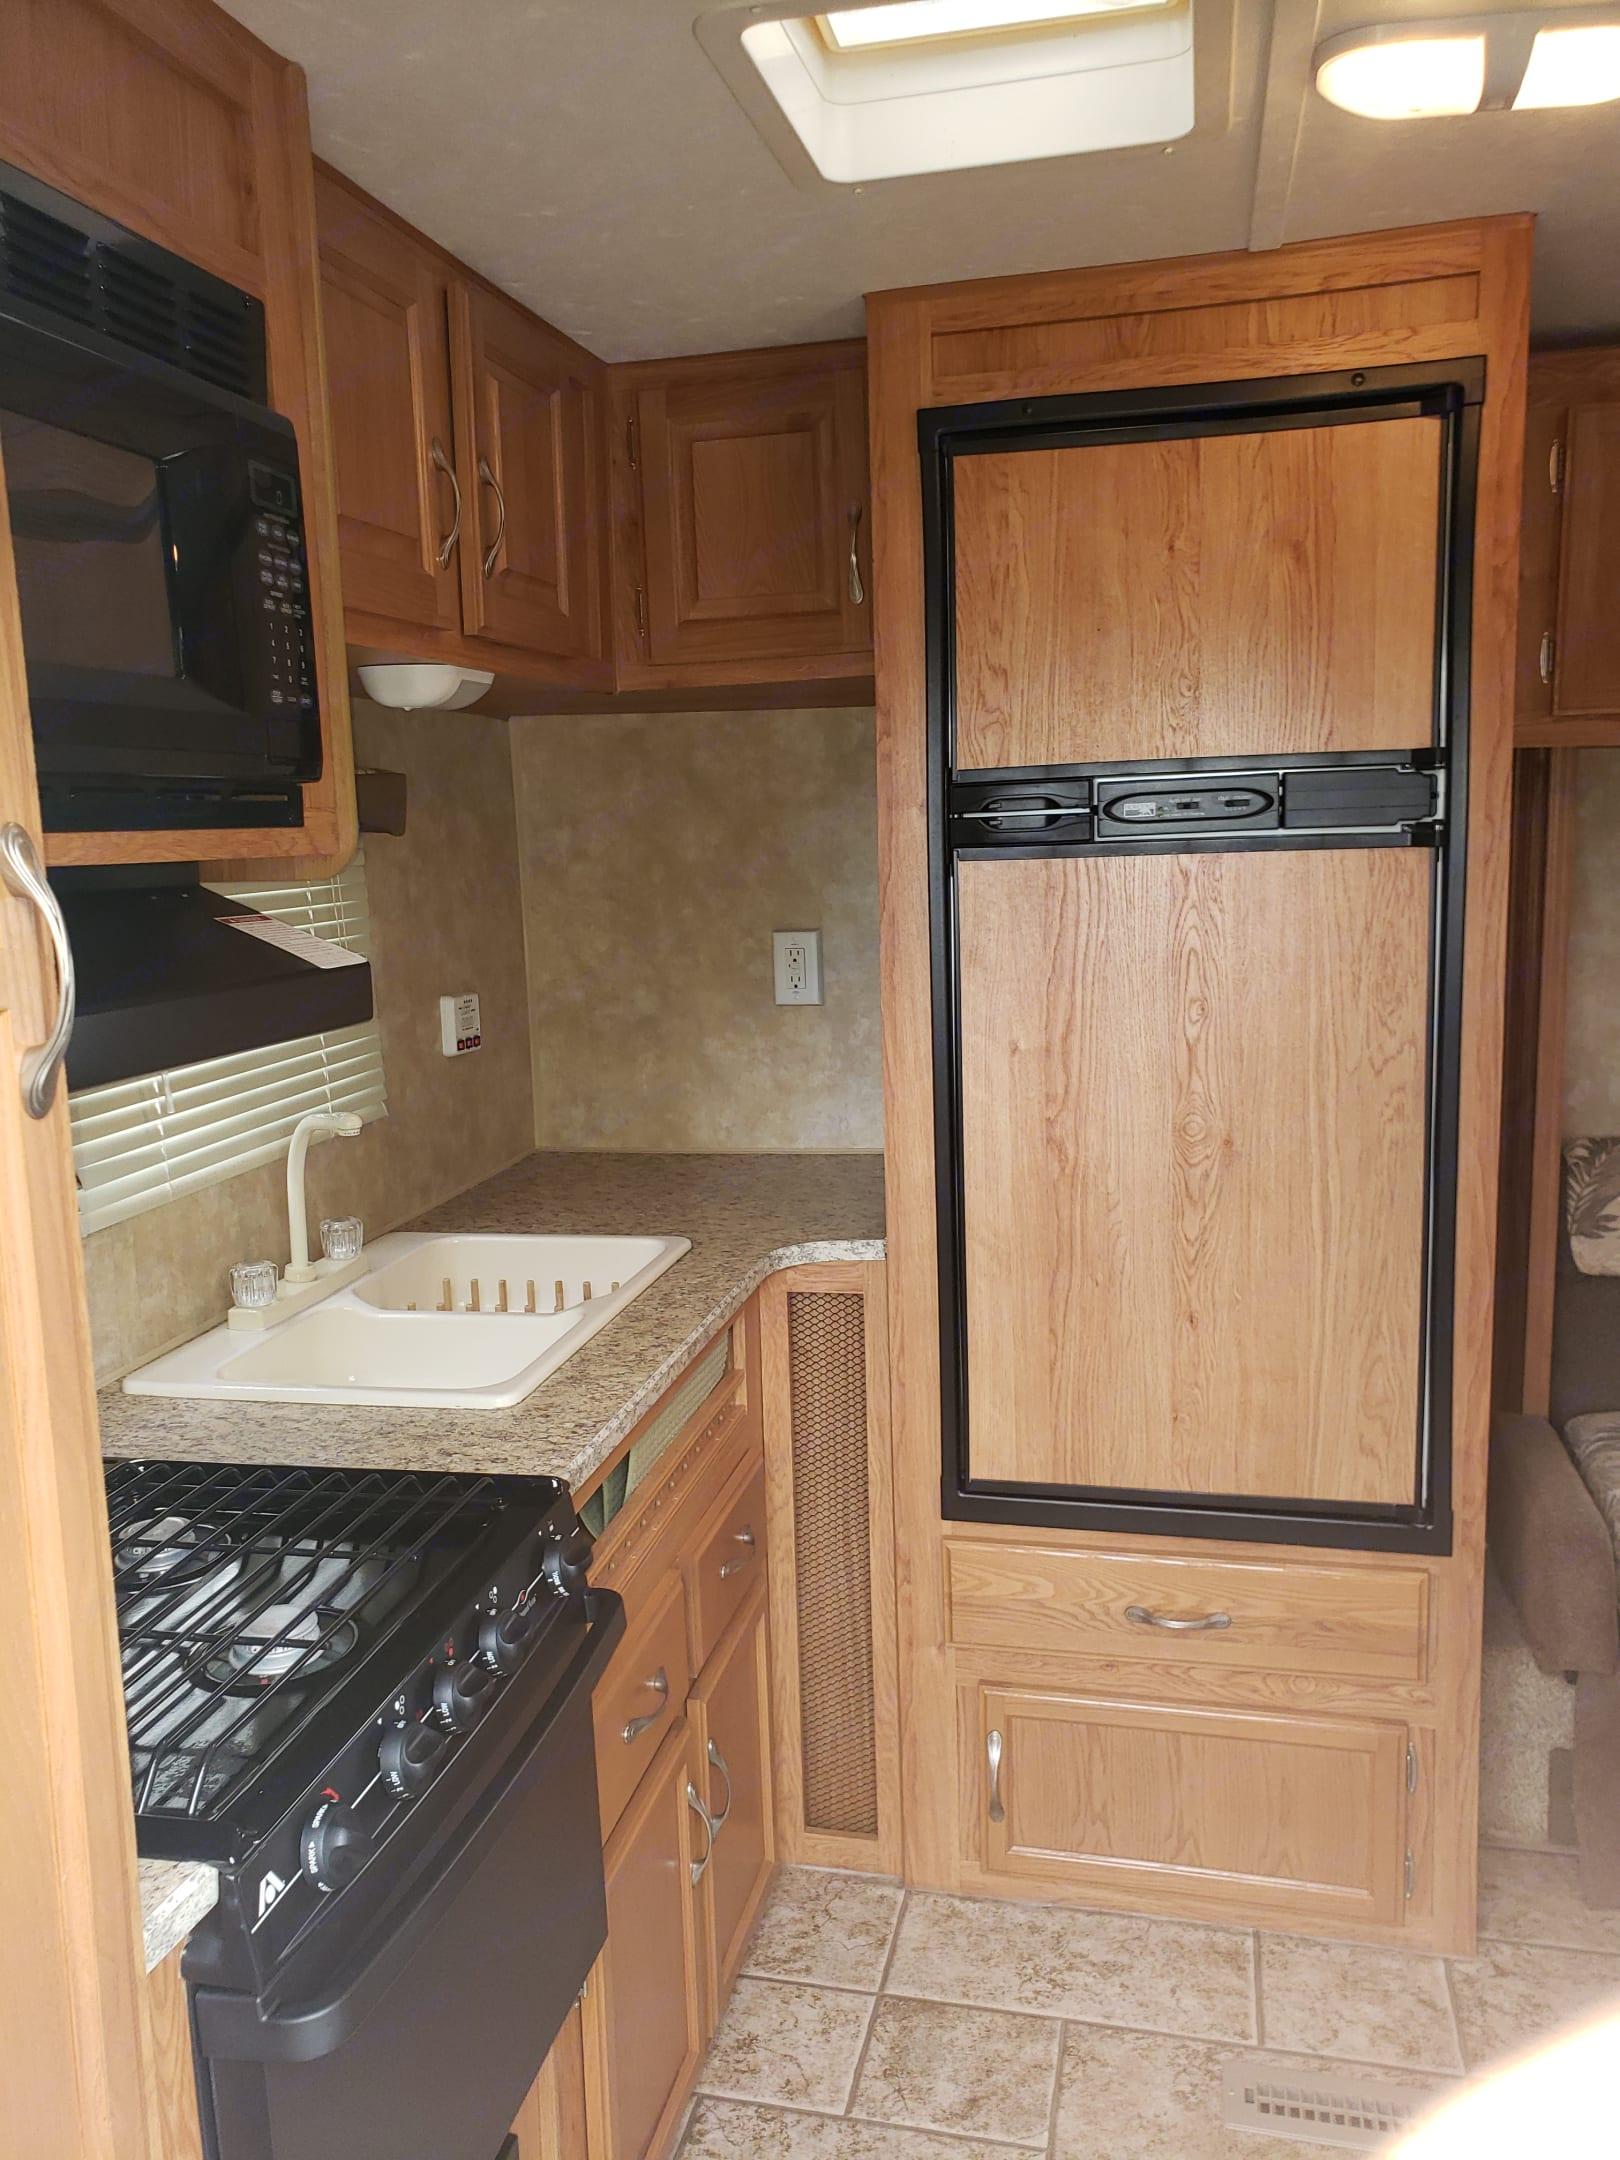 The large fridge and sink. Jayco Jay Flight 2009